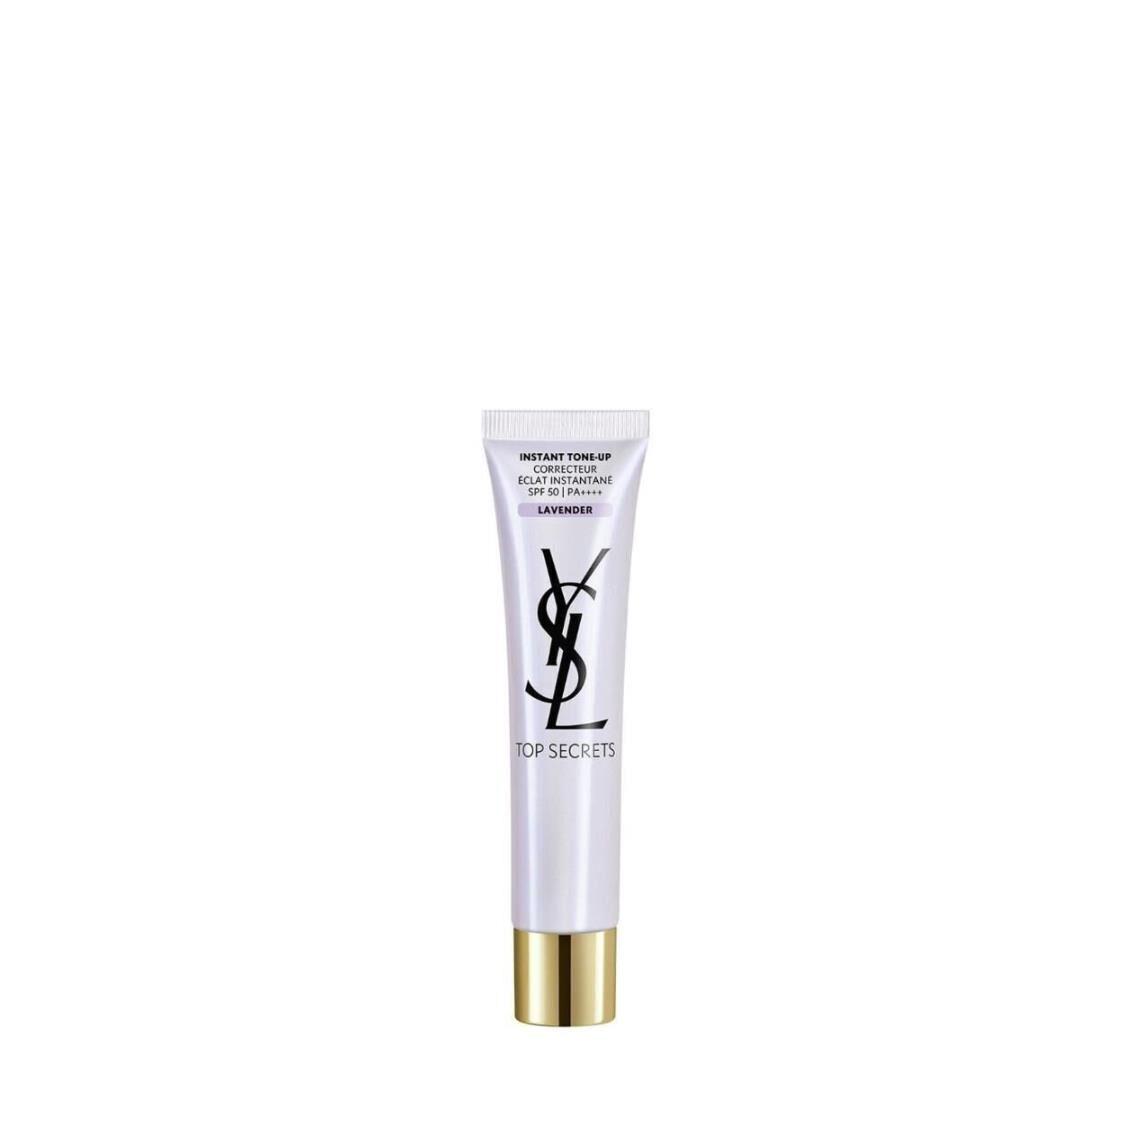 Yves Saint Laurent Beaute Top Secrets Instant Tone Up Primer SPF 50 PA